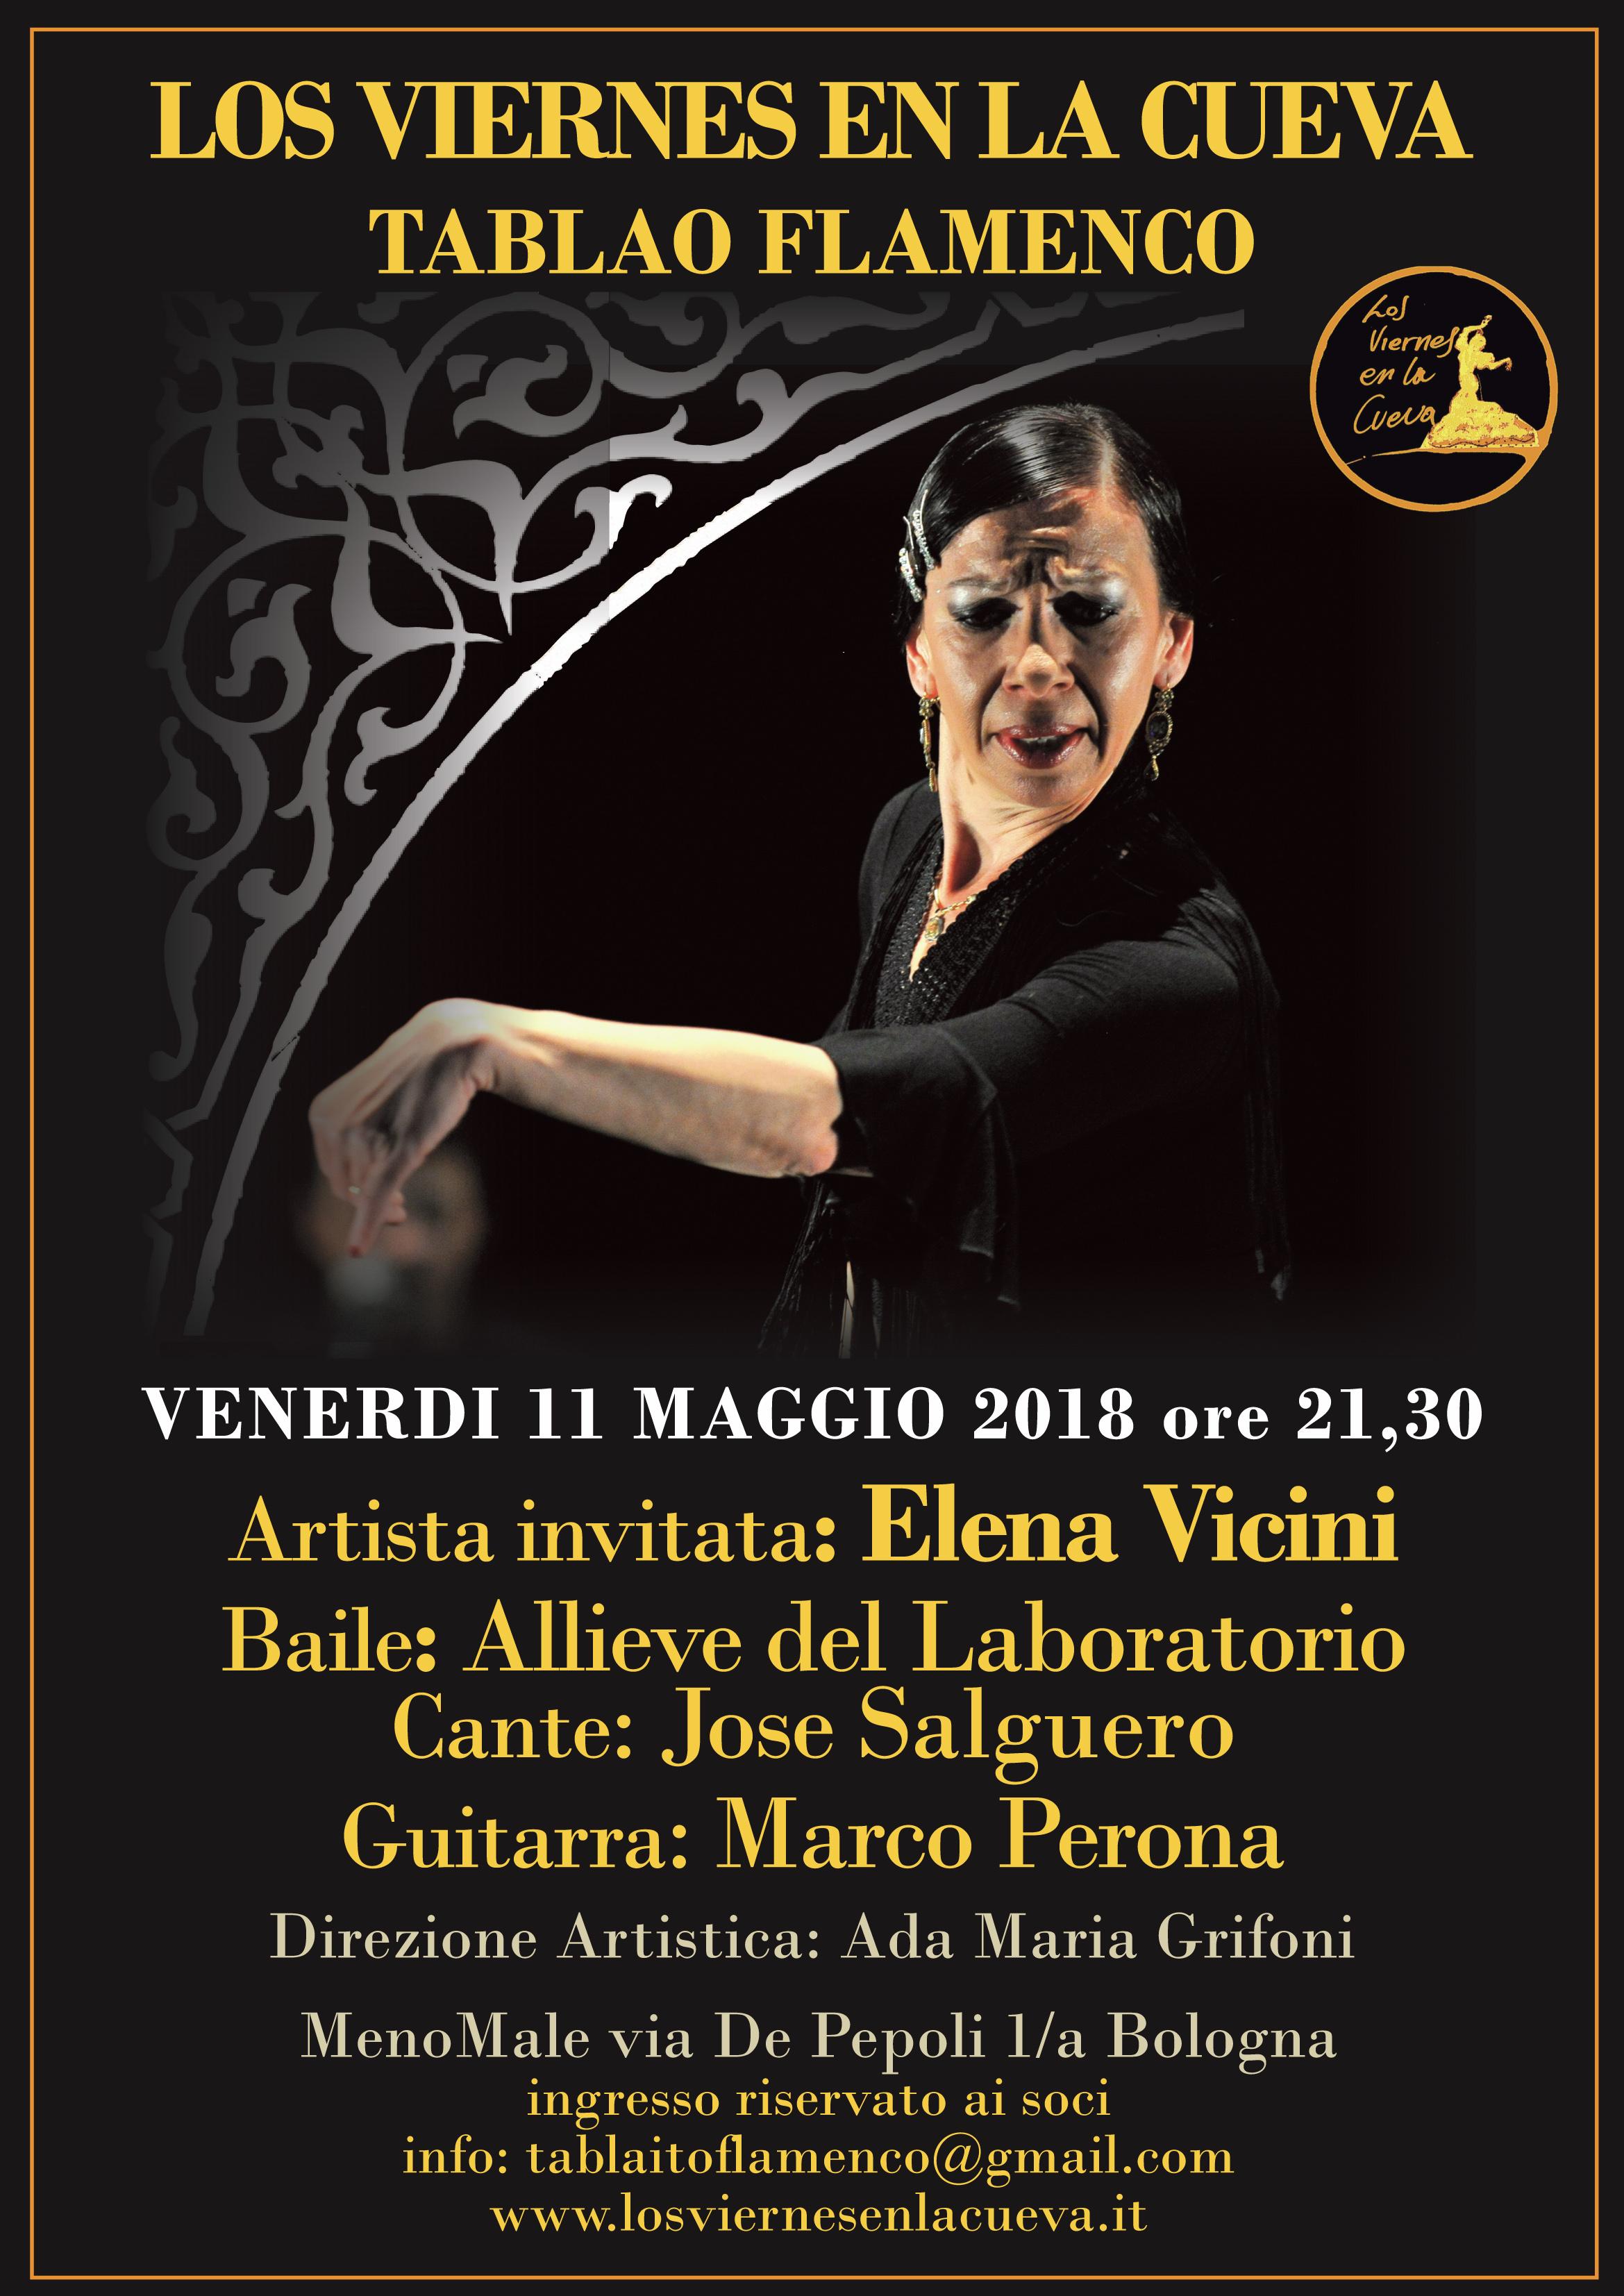 tablao flamenco Bologna centro elena Vicini Los Viernes en la Cueva